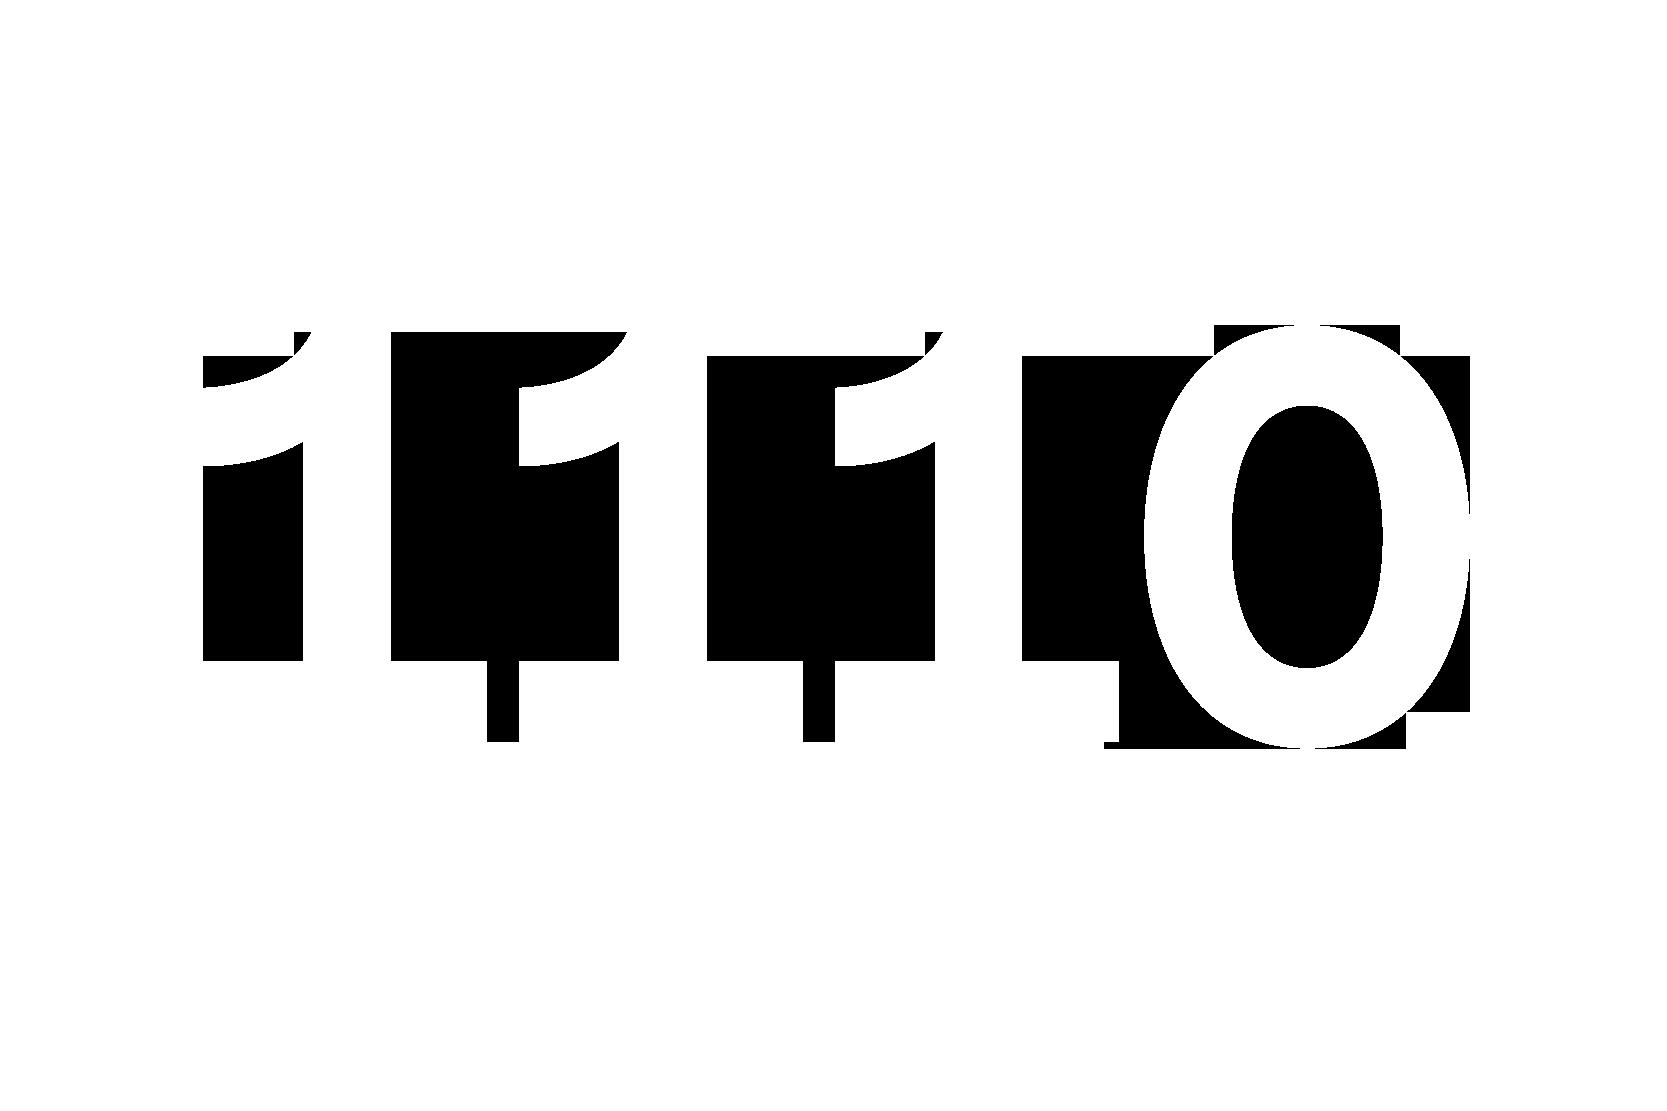 Numeri-28